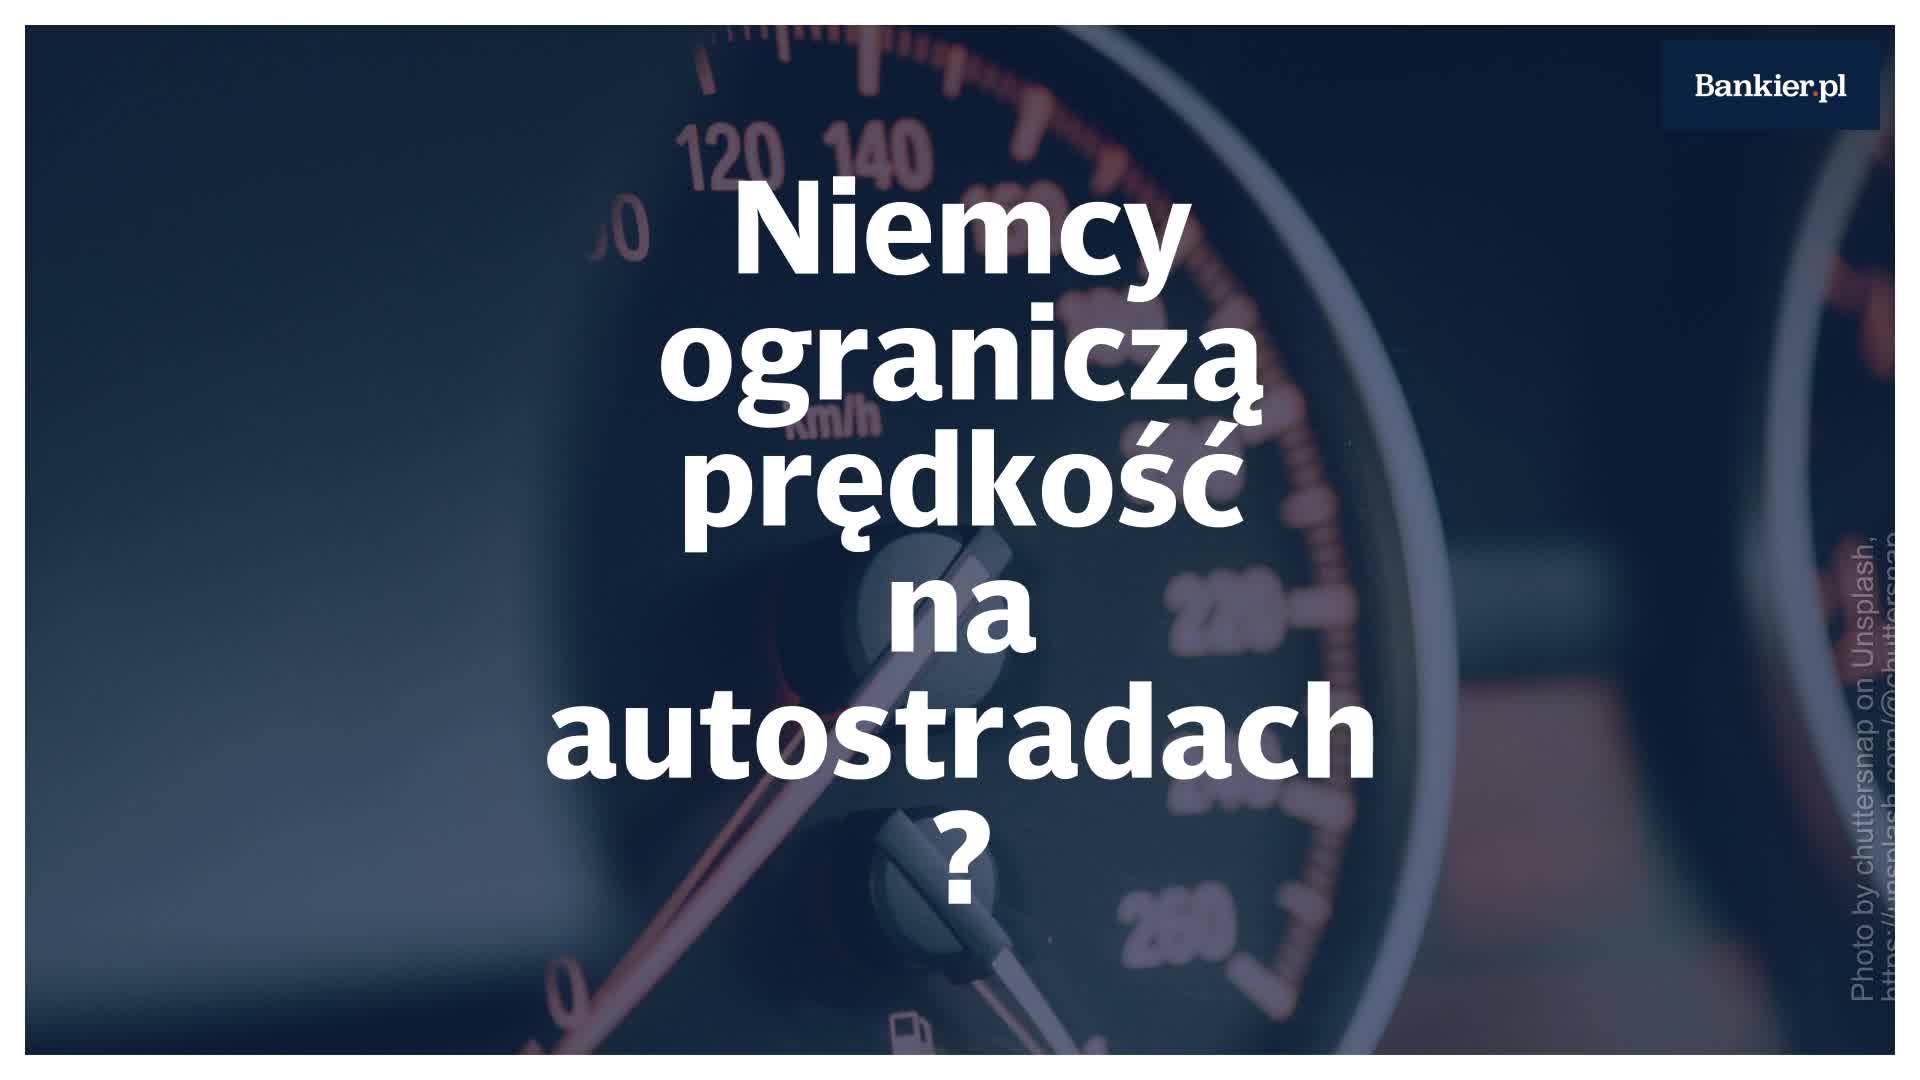 Niemcy rozważają ograniczenie prędkości na autostradach?